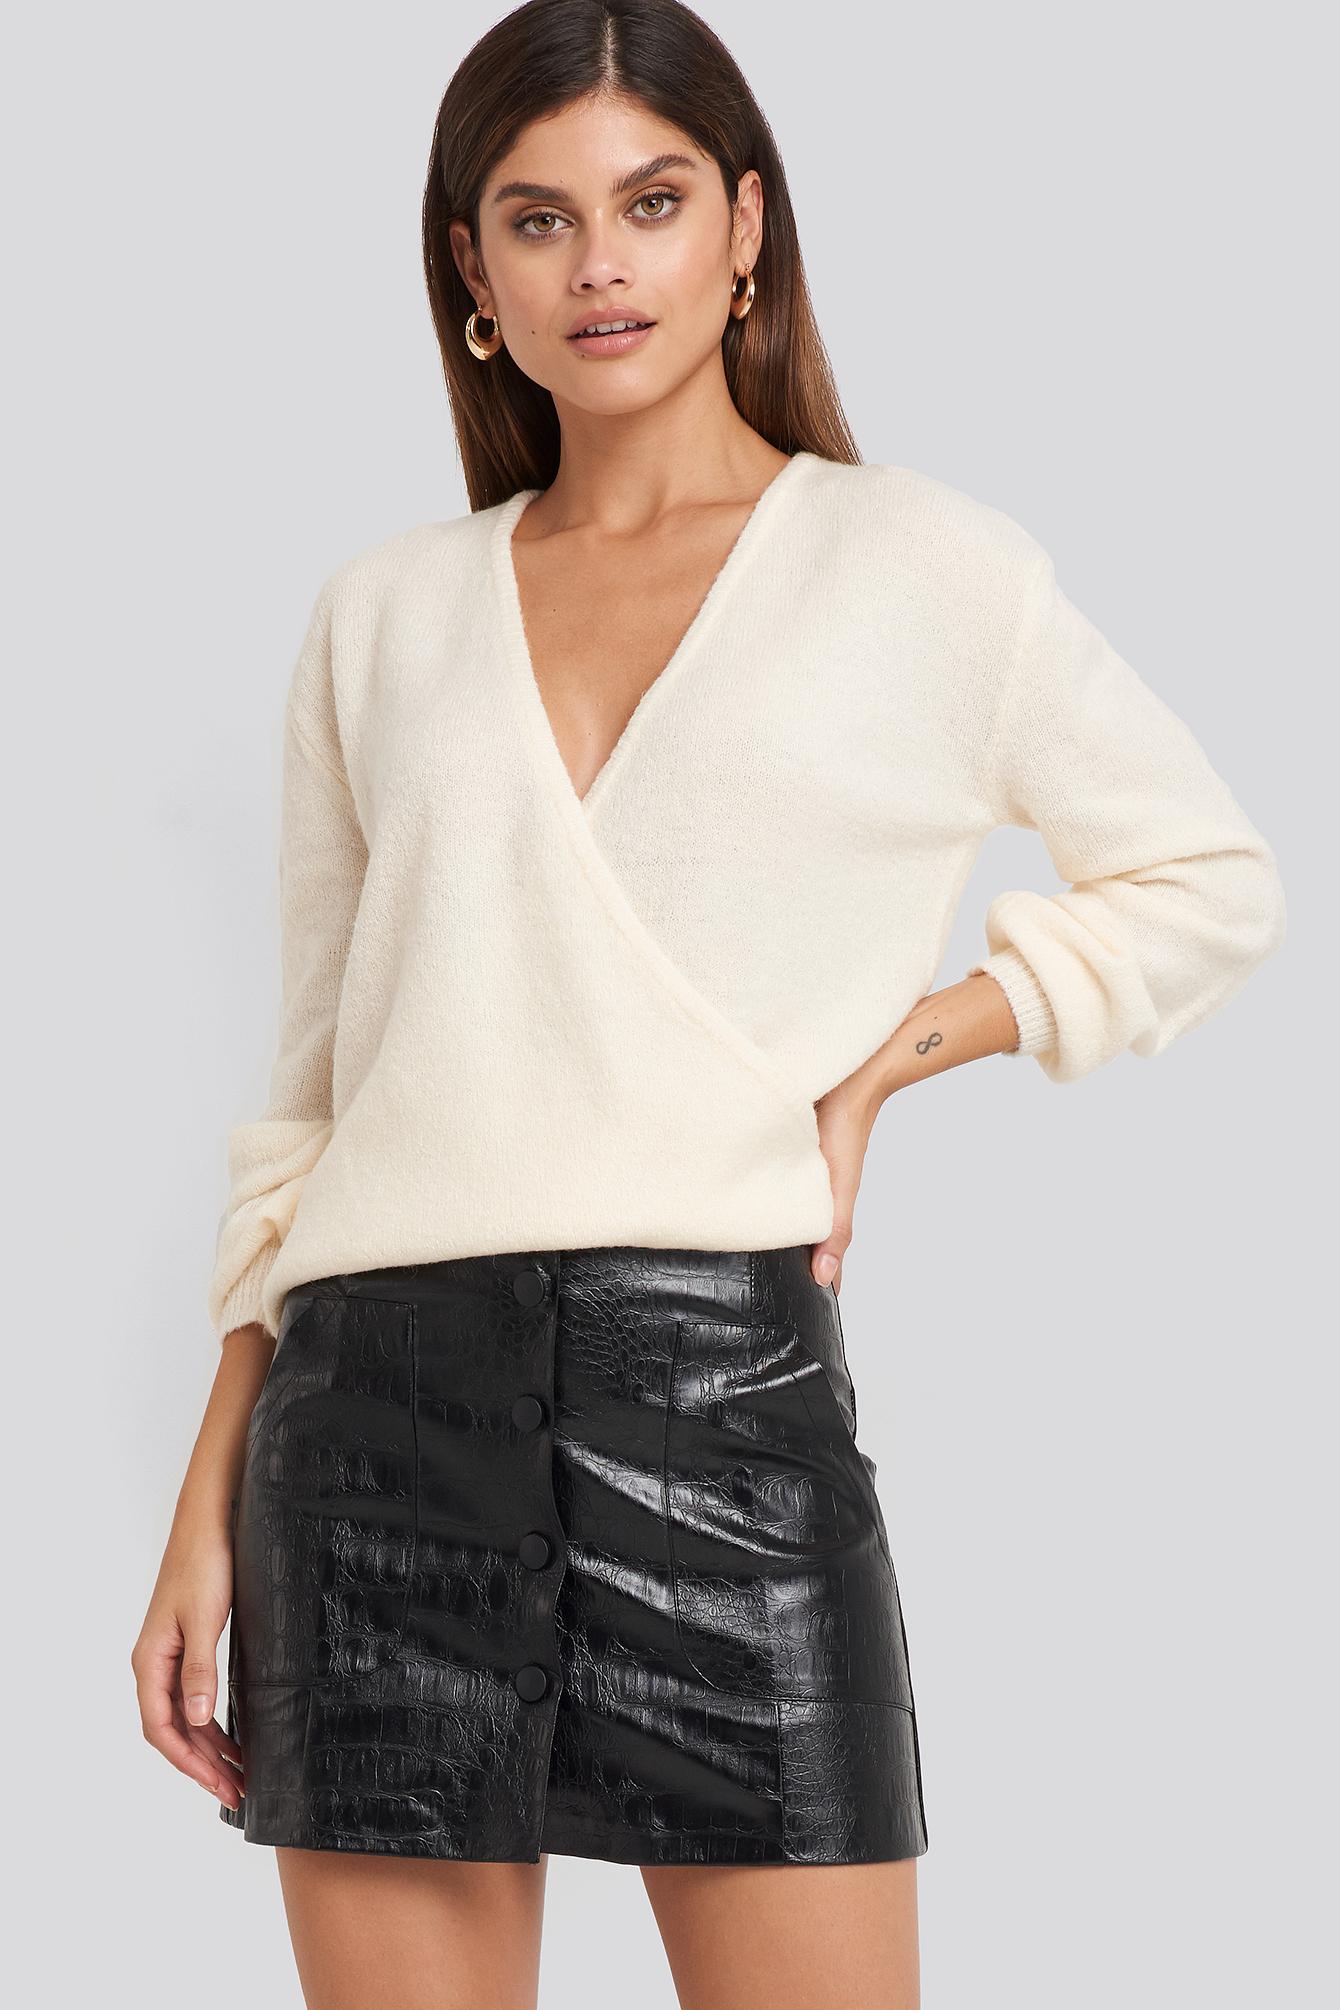 na-kd trend -  Embossed Croco Pu Mini Skirt - Black